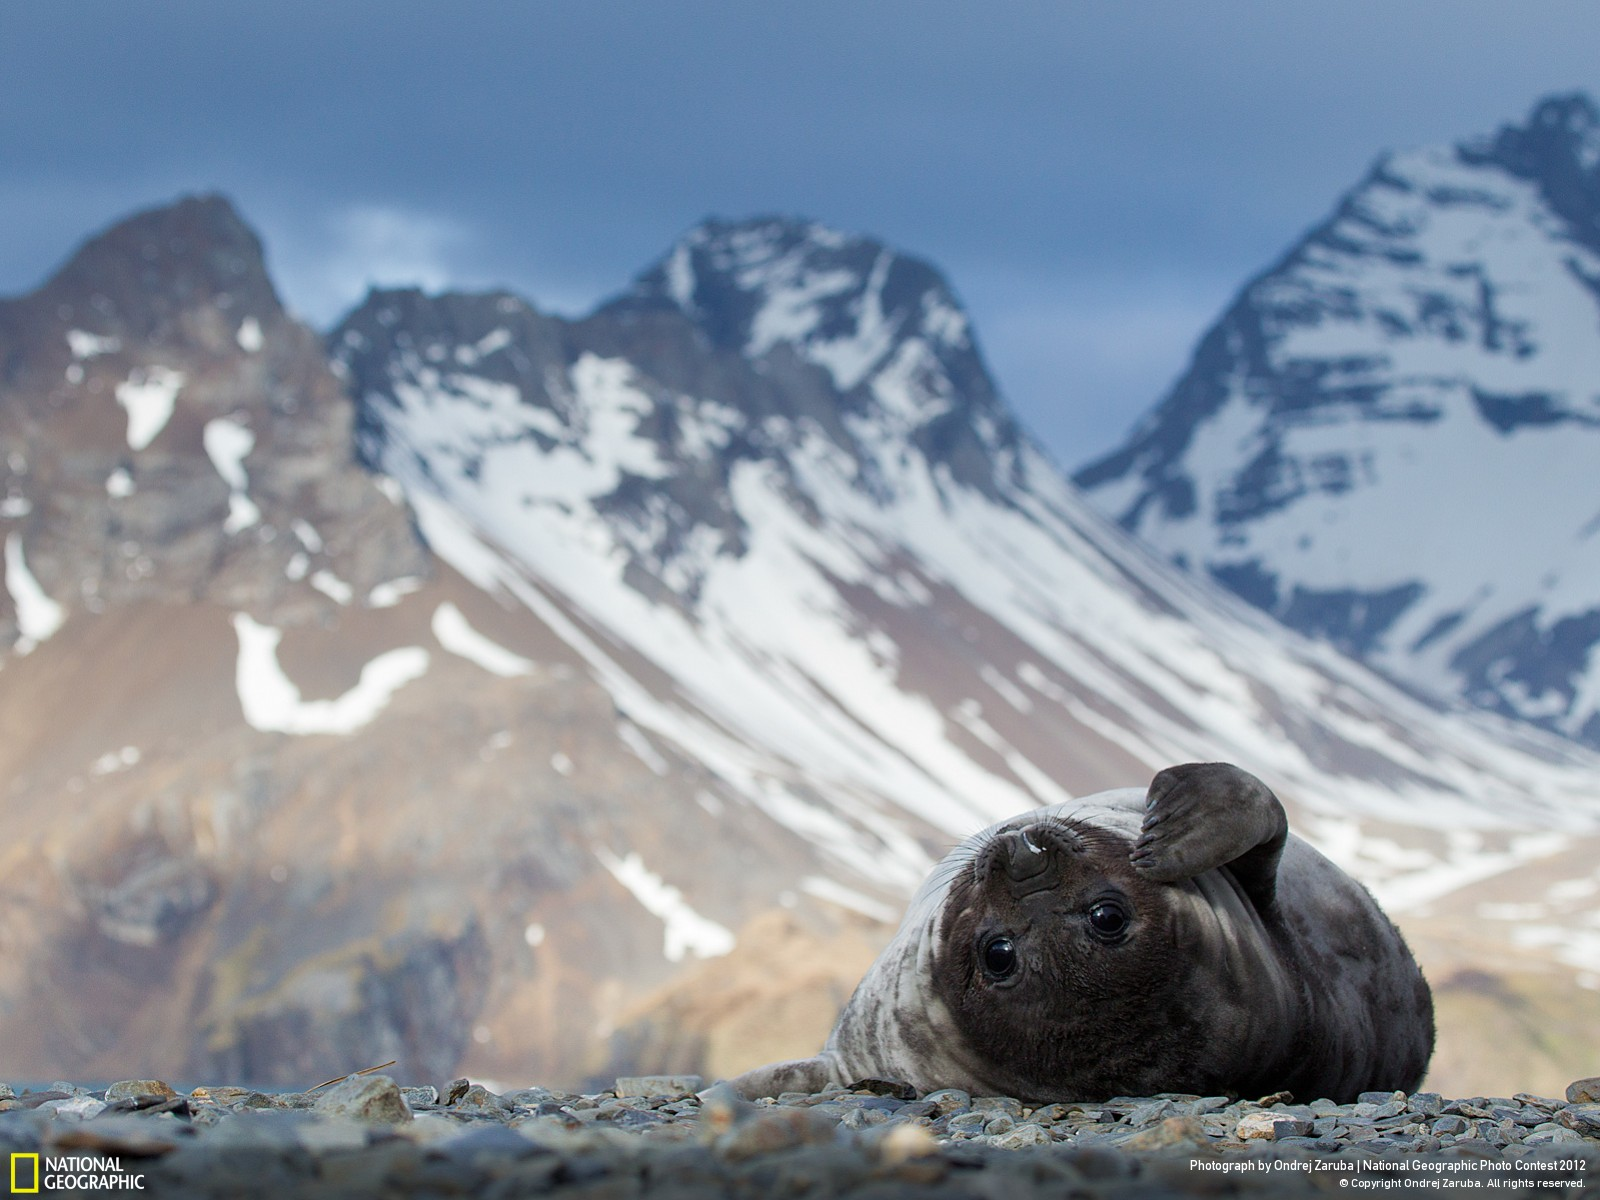 45 Лучшие фотографии за 2012 год по версии National Geographic